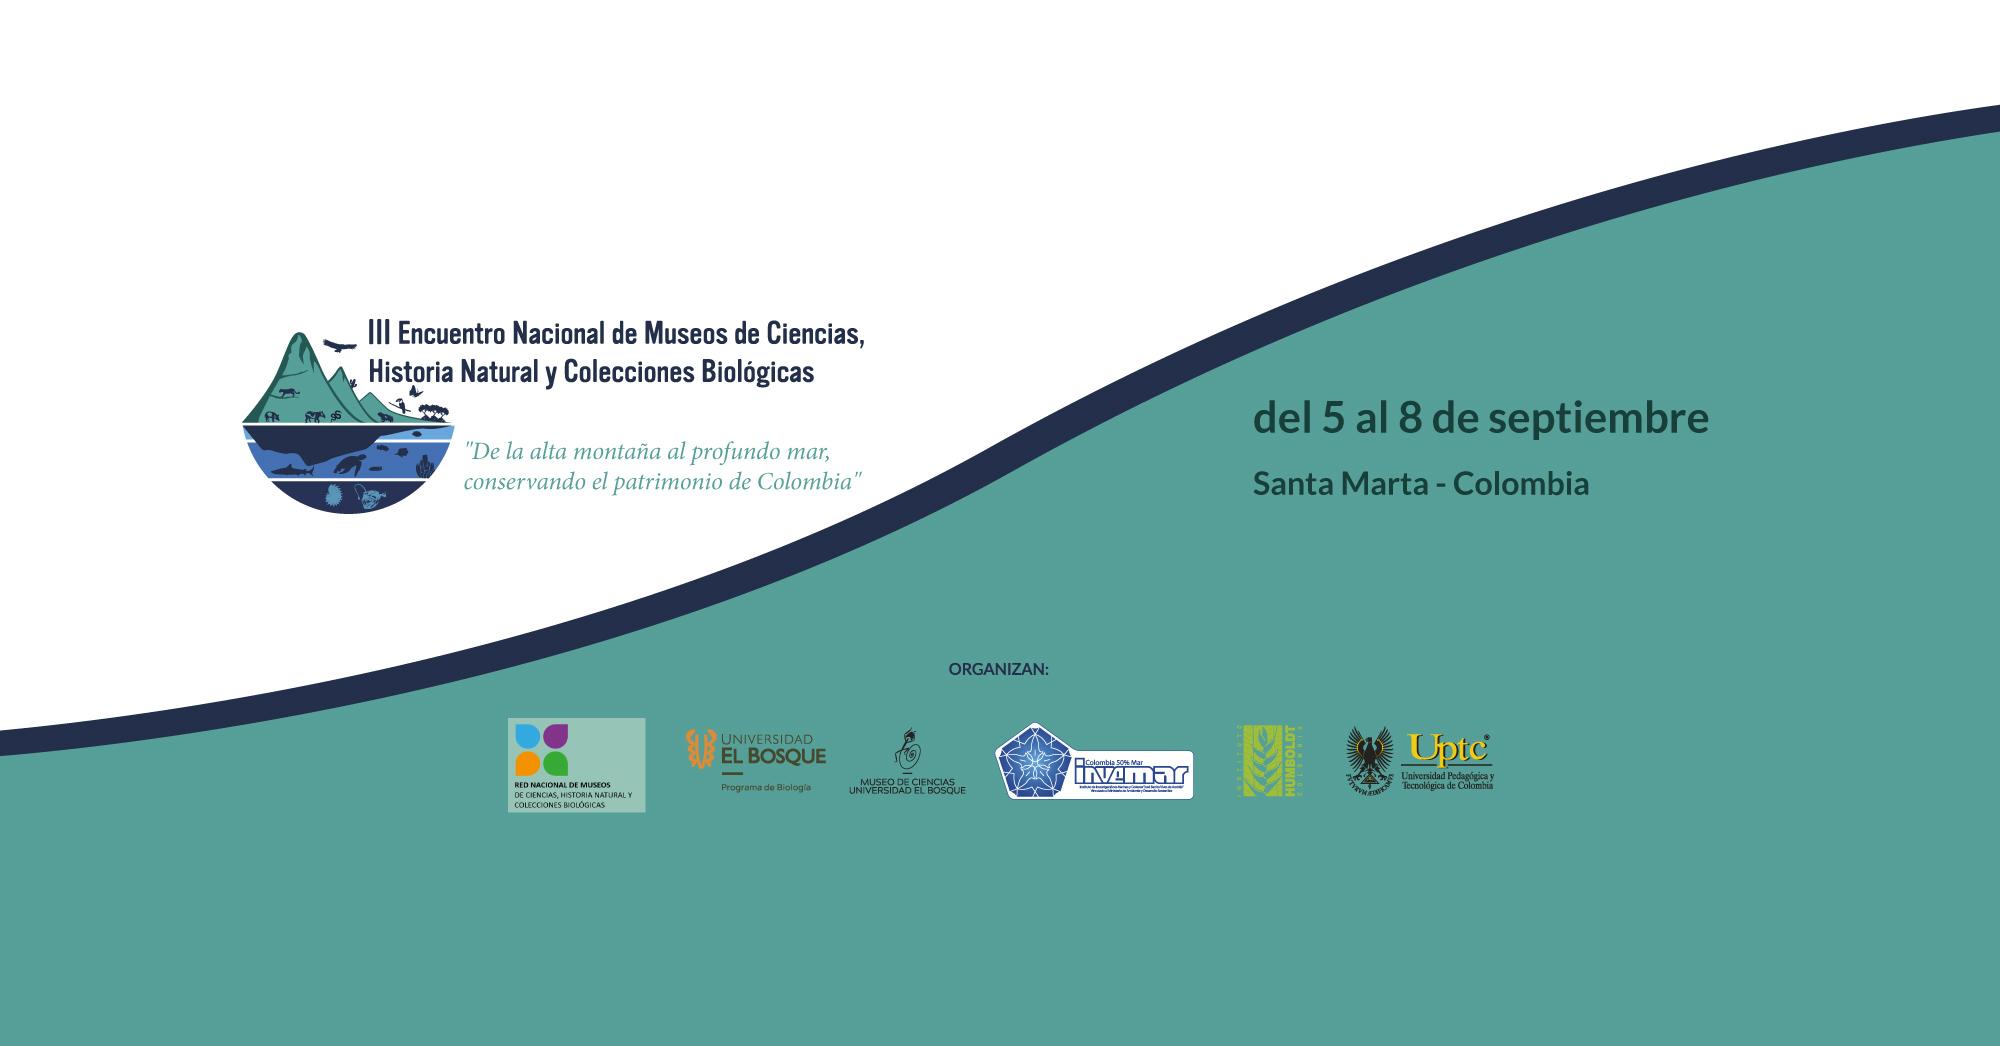 III Encuentro Nacional de Museos de Ciencia, Historia Natural y Colecciones Biológicas